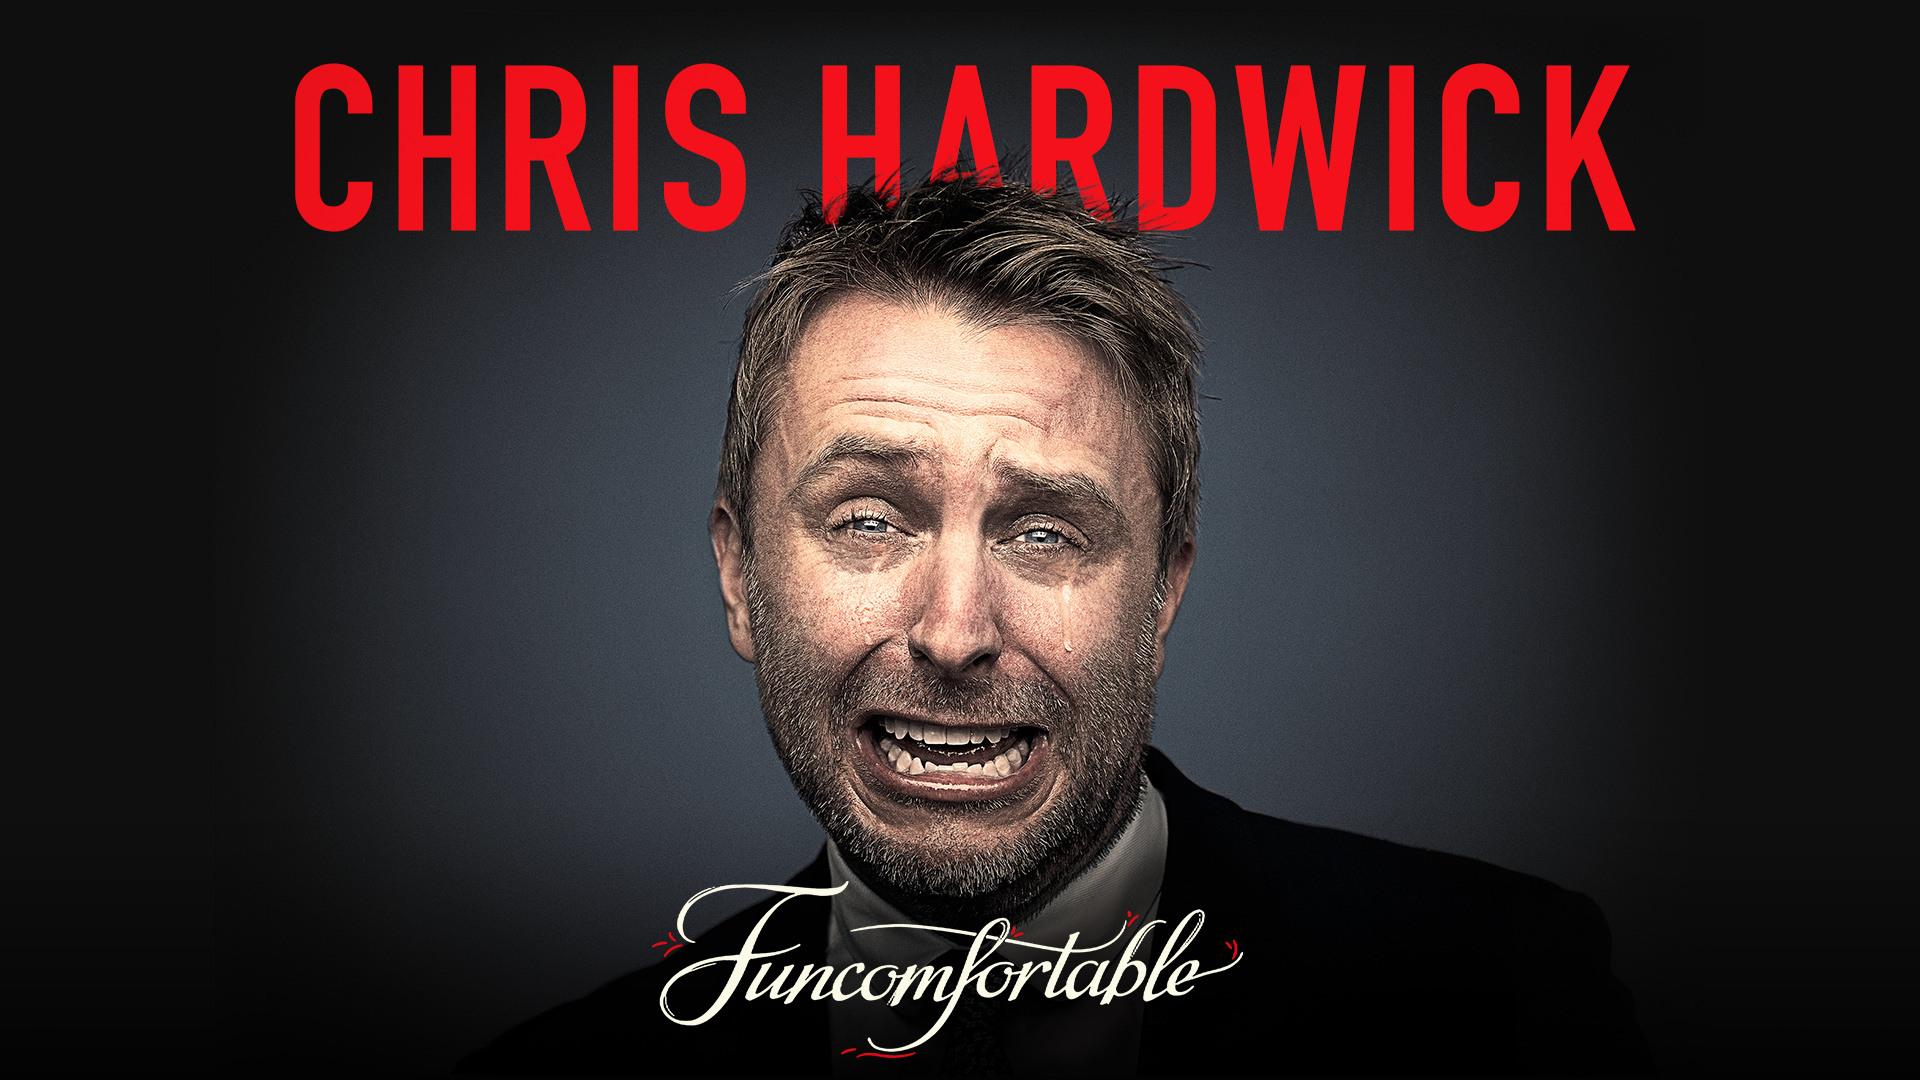 CHRIS HARDWICK - FUNCOMFORTABLE